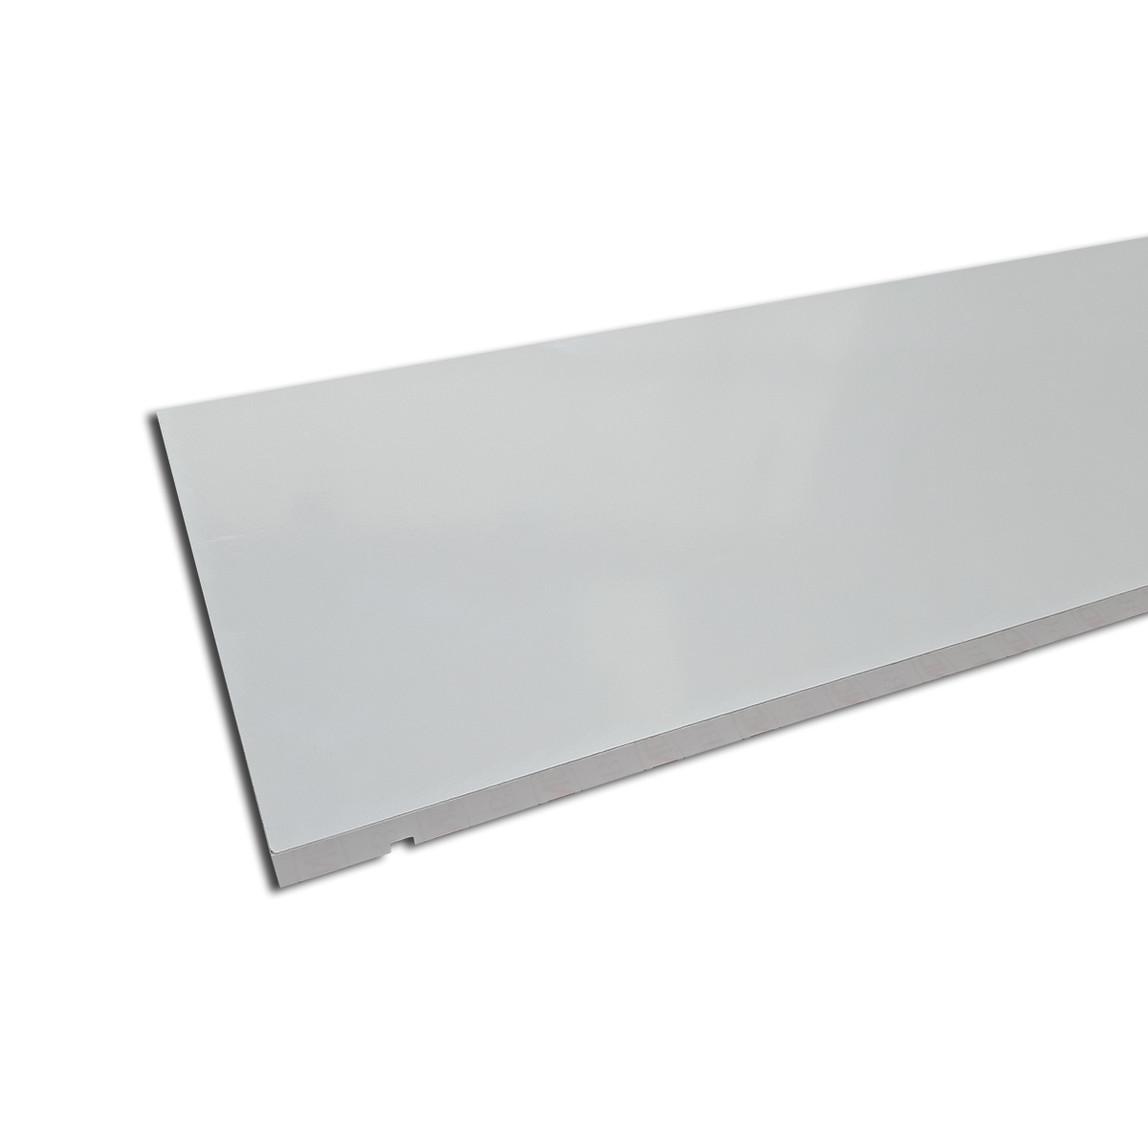 Endpa Ahşap Raf P. Beyaz 20x72 cm